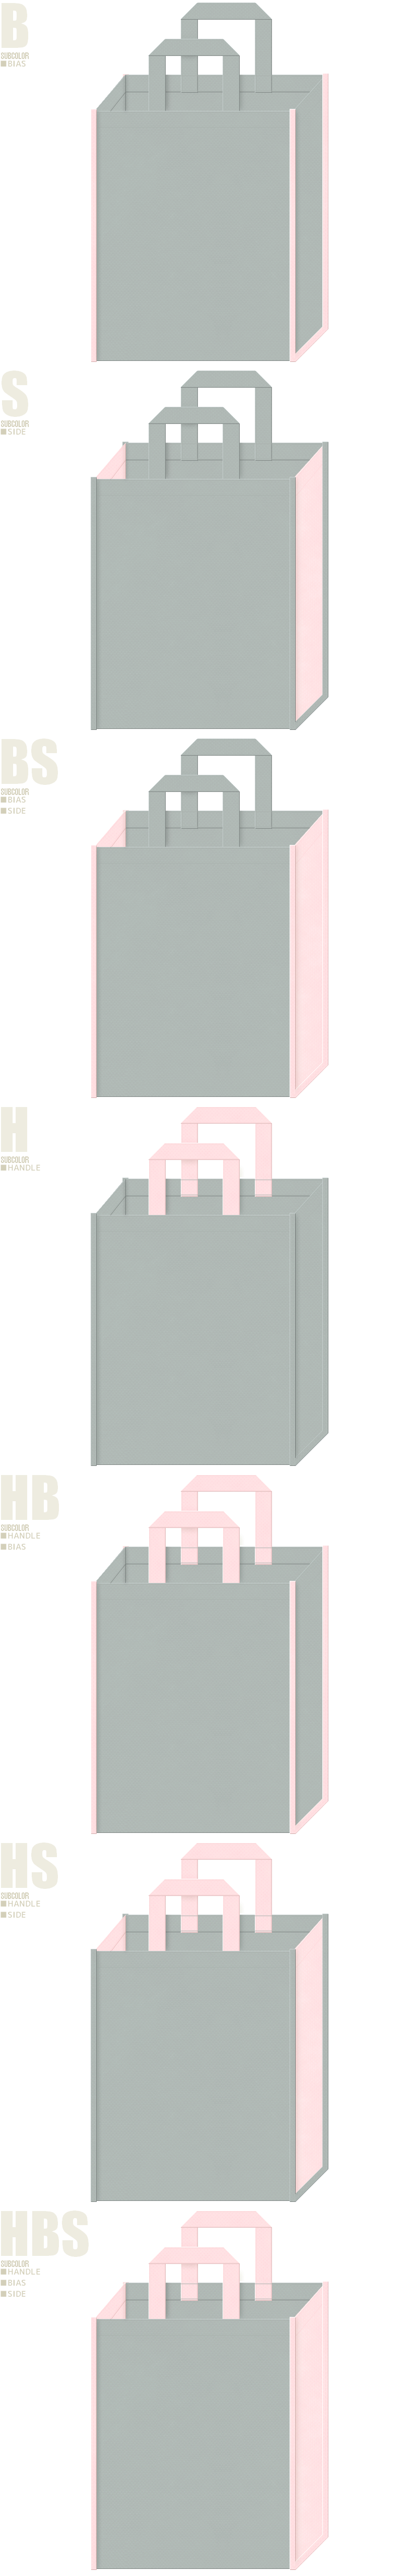 グレー色と桜色-7パターンの不織布トートバッグ配色デザイン例